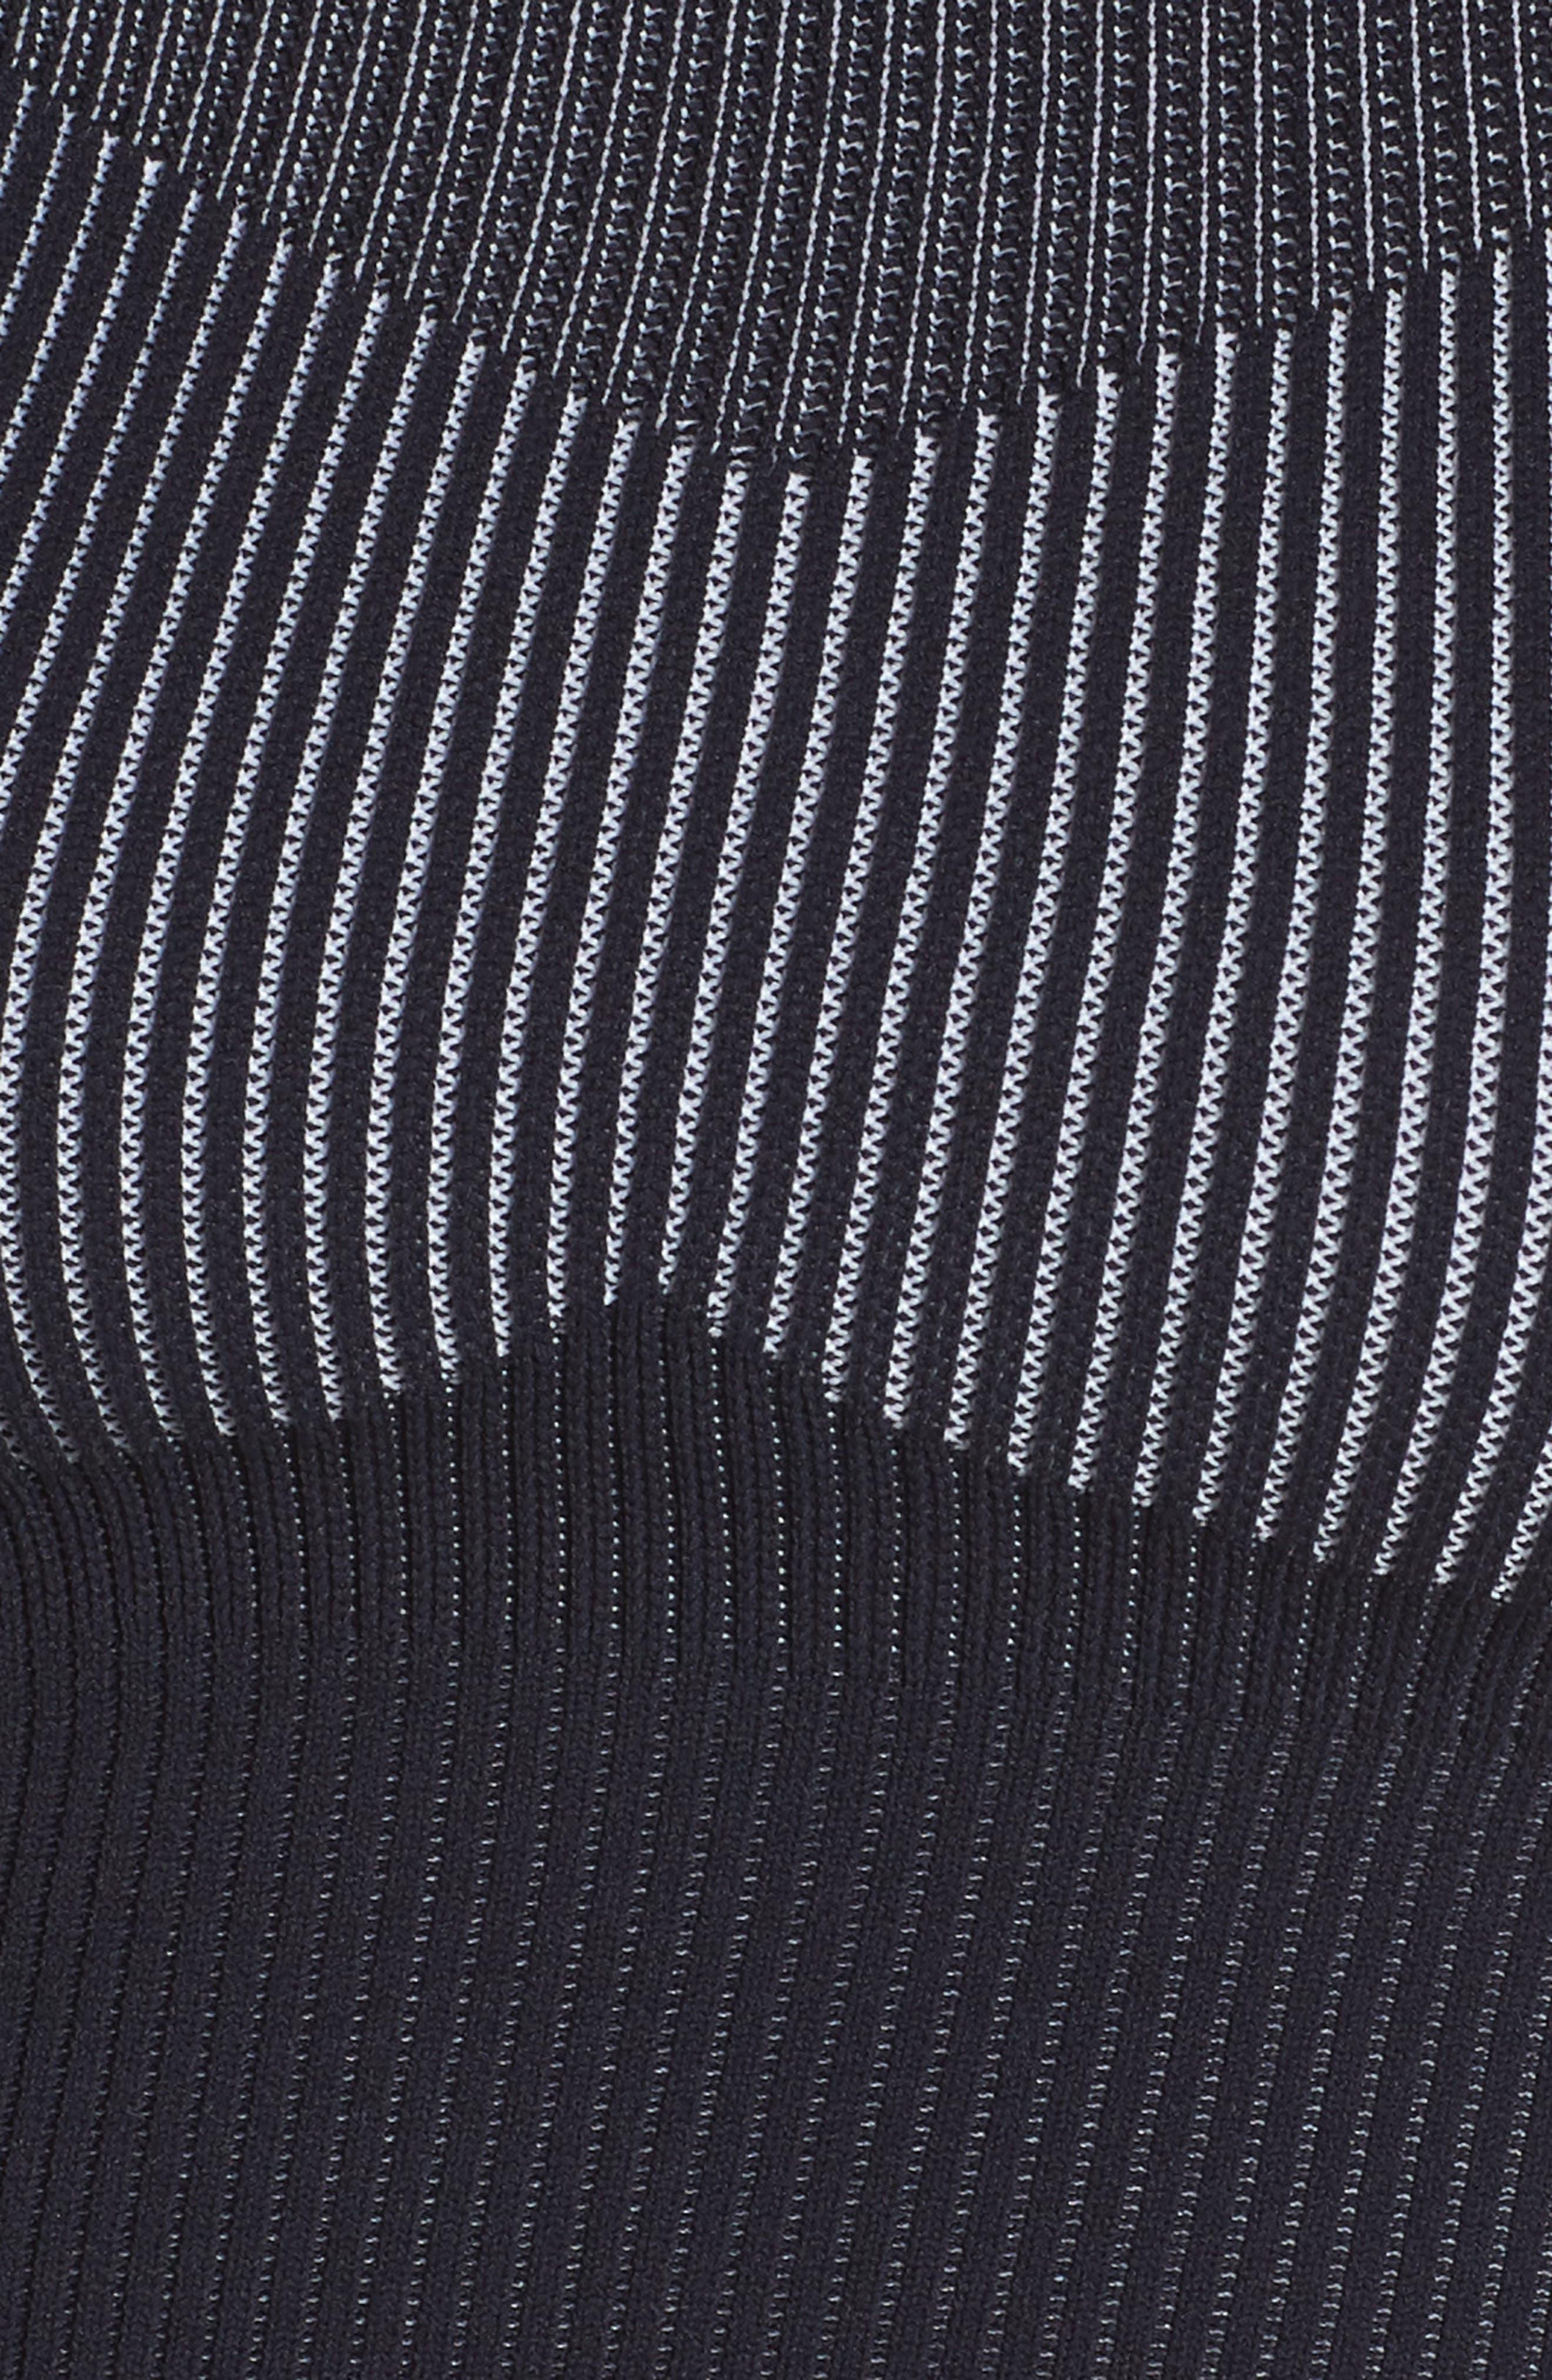 Sportswear Women's Tech Knit Crop Tank,                             Alternate thumbnail 8, color,                             DARK OBSIDIAN/ WHITE